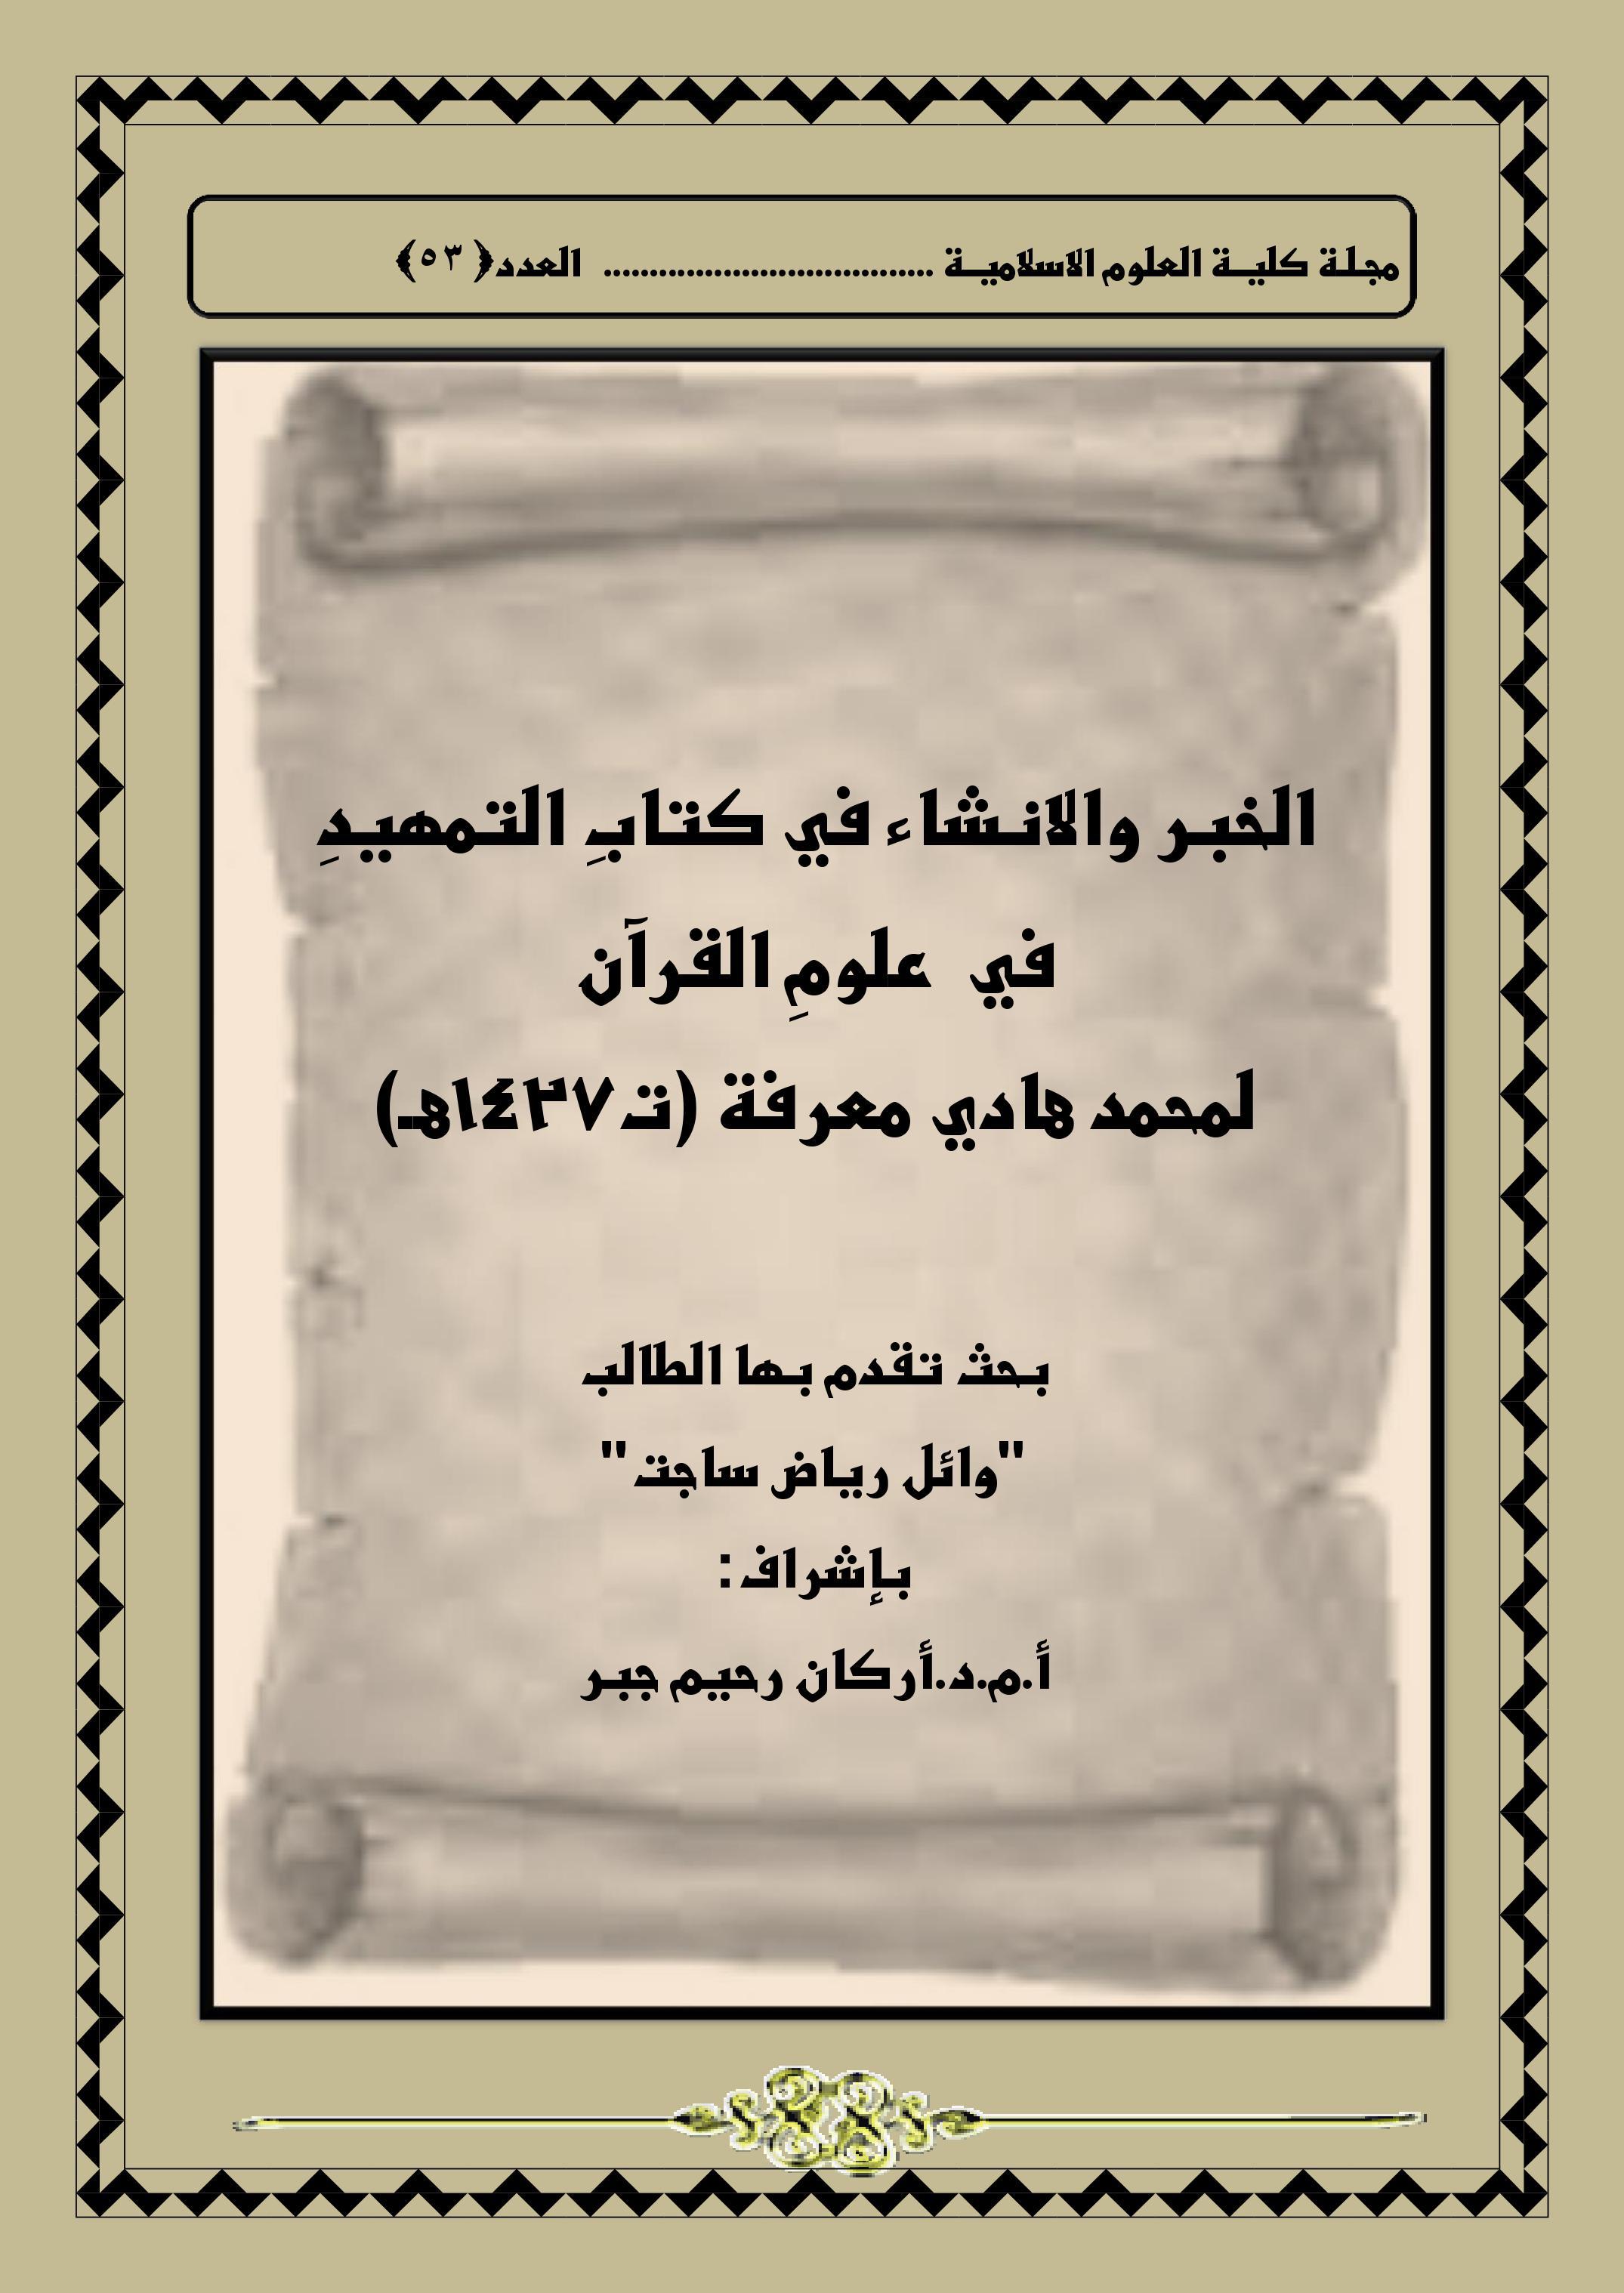 الخبر والانشاء في كتابِ التمهيدِ  في  علومِ القرآن لمحمد هادي معرفة (ت1427هـ)